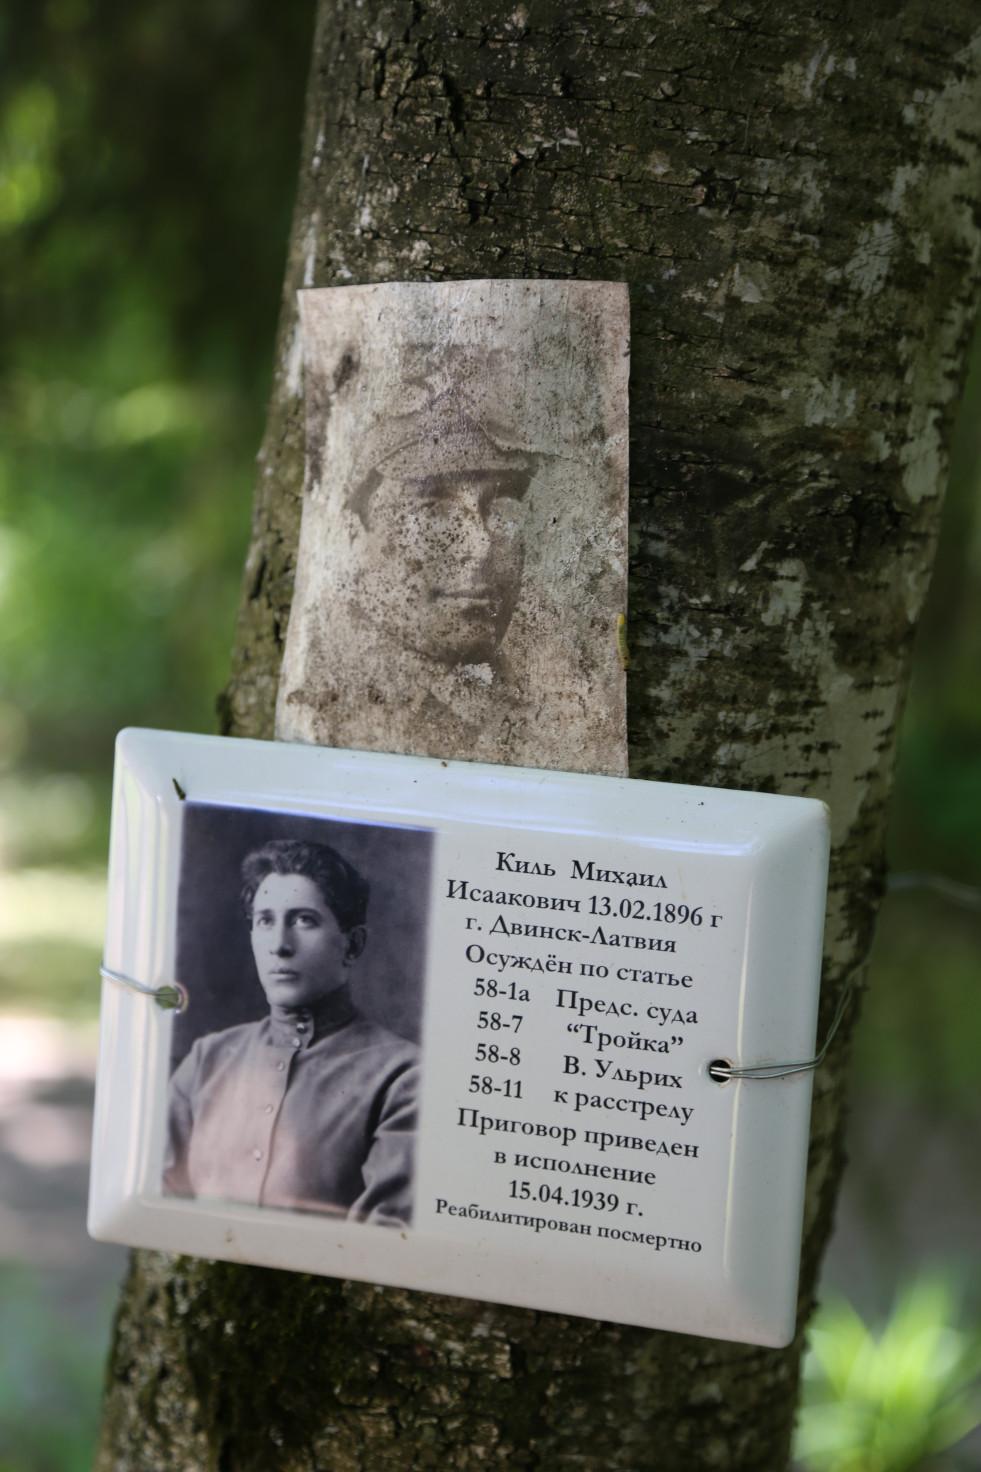 Памятная табличка М.И. Килю. Фото 07.06.2018